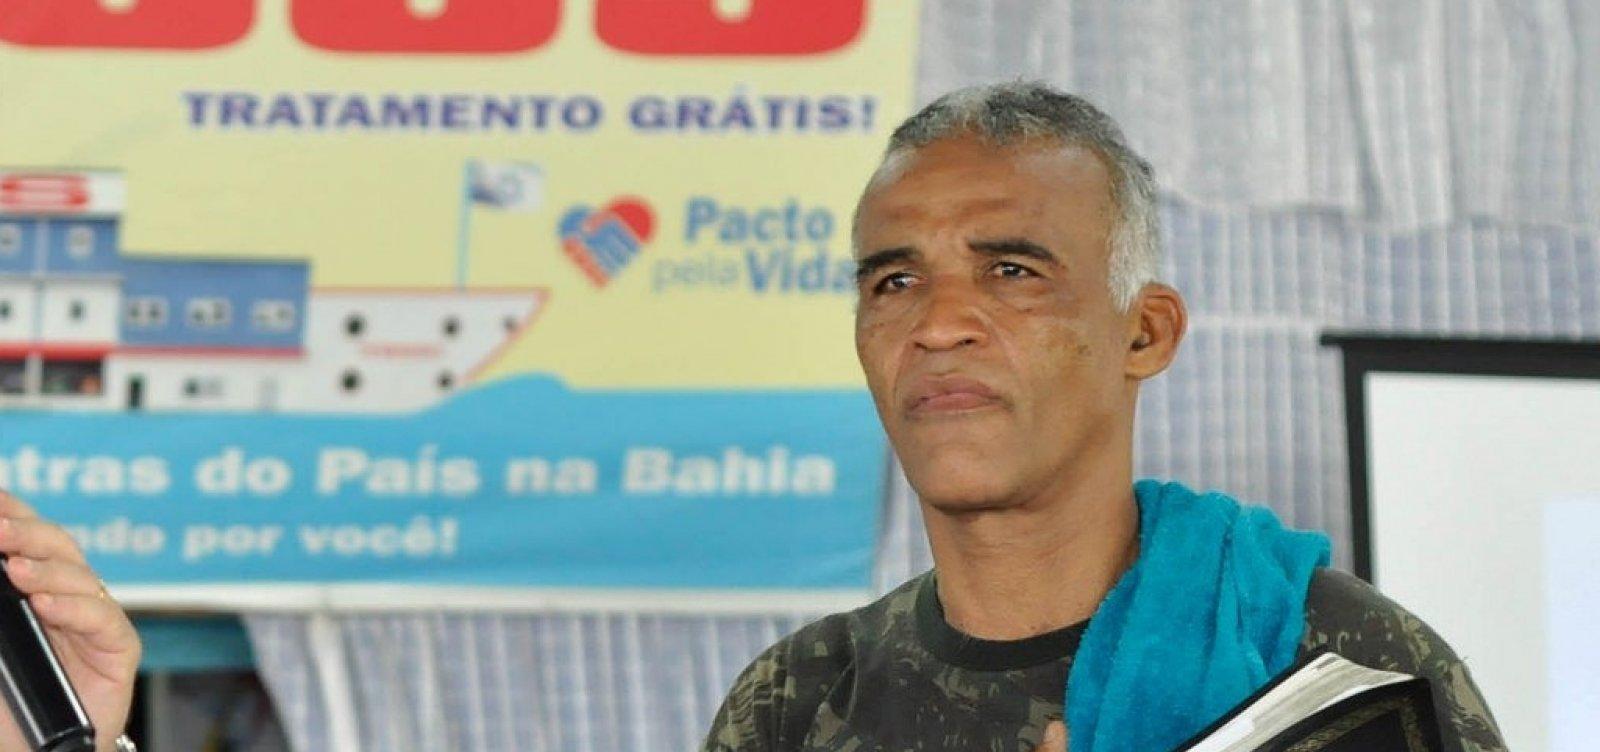 Campeão de votos, Isidório atribui 'à mão de Deus' vitória